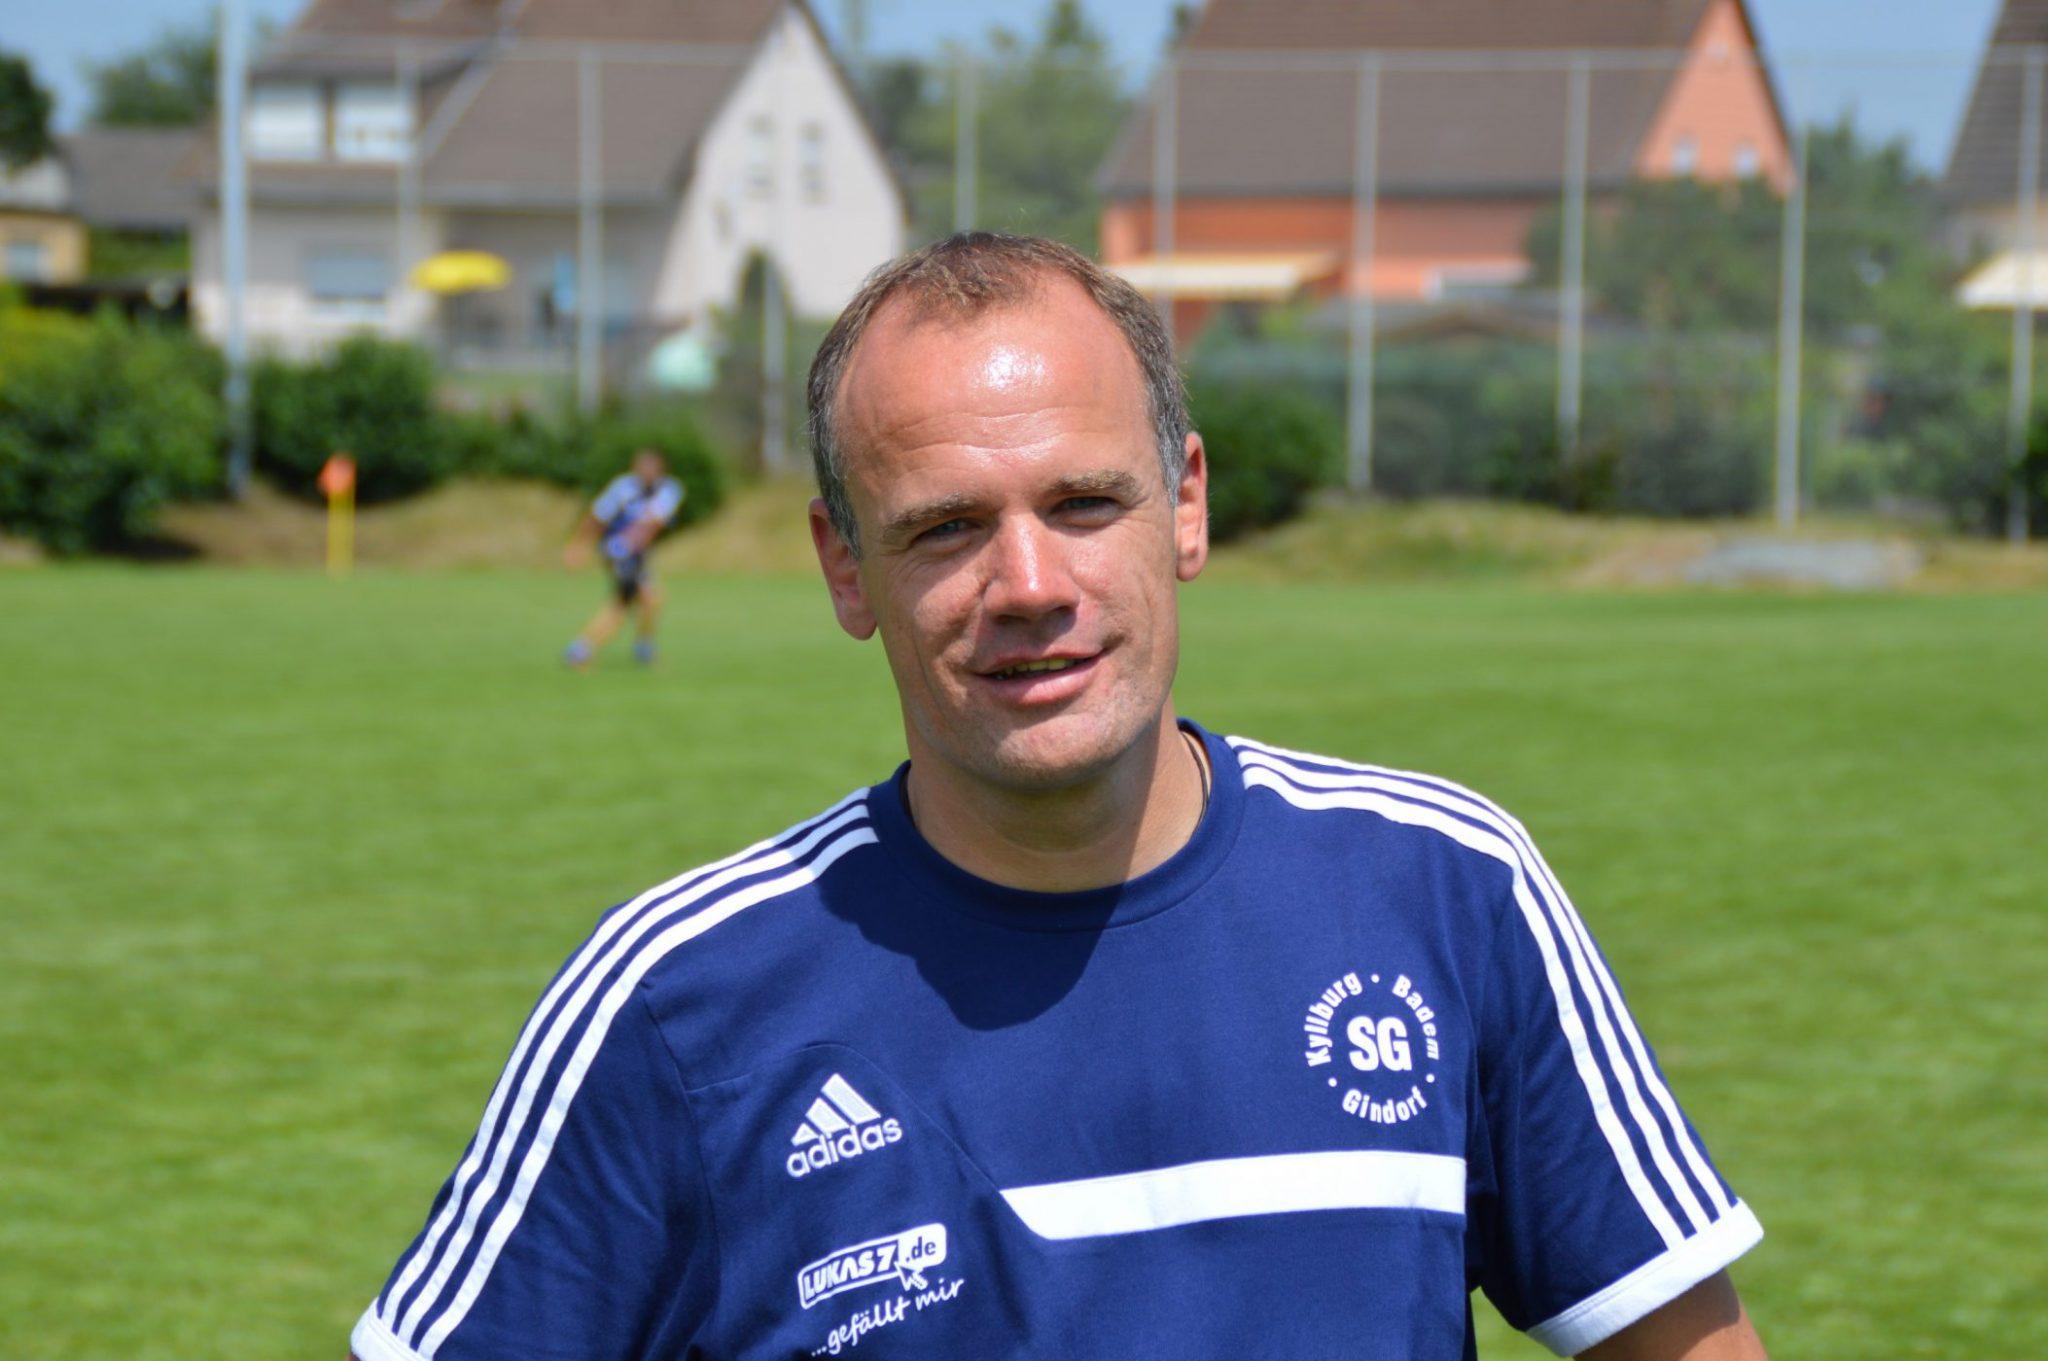 Saisonausblick: Interview mit Klaus Grüber, Trainer der 2. Mannschaft